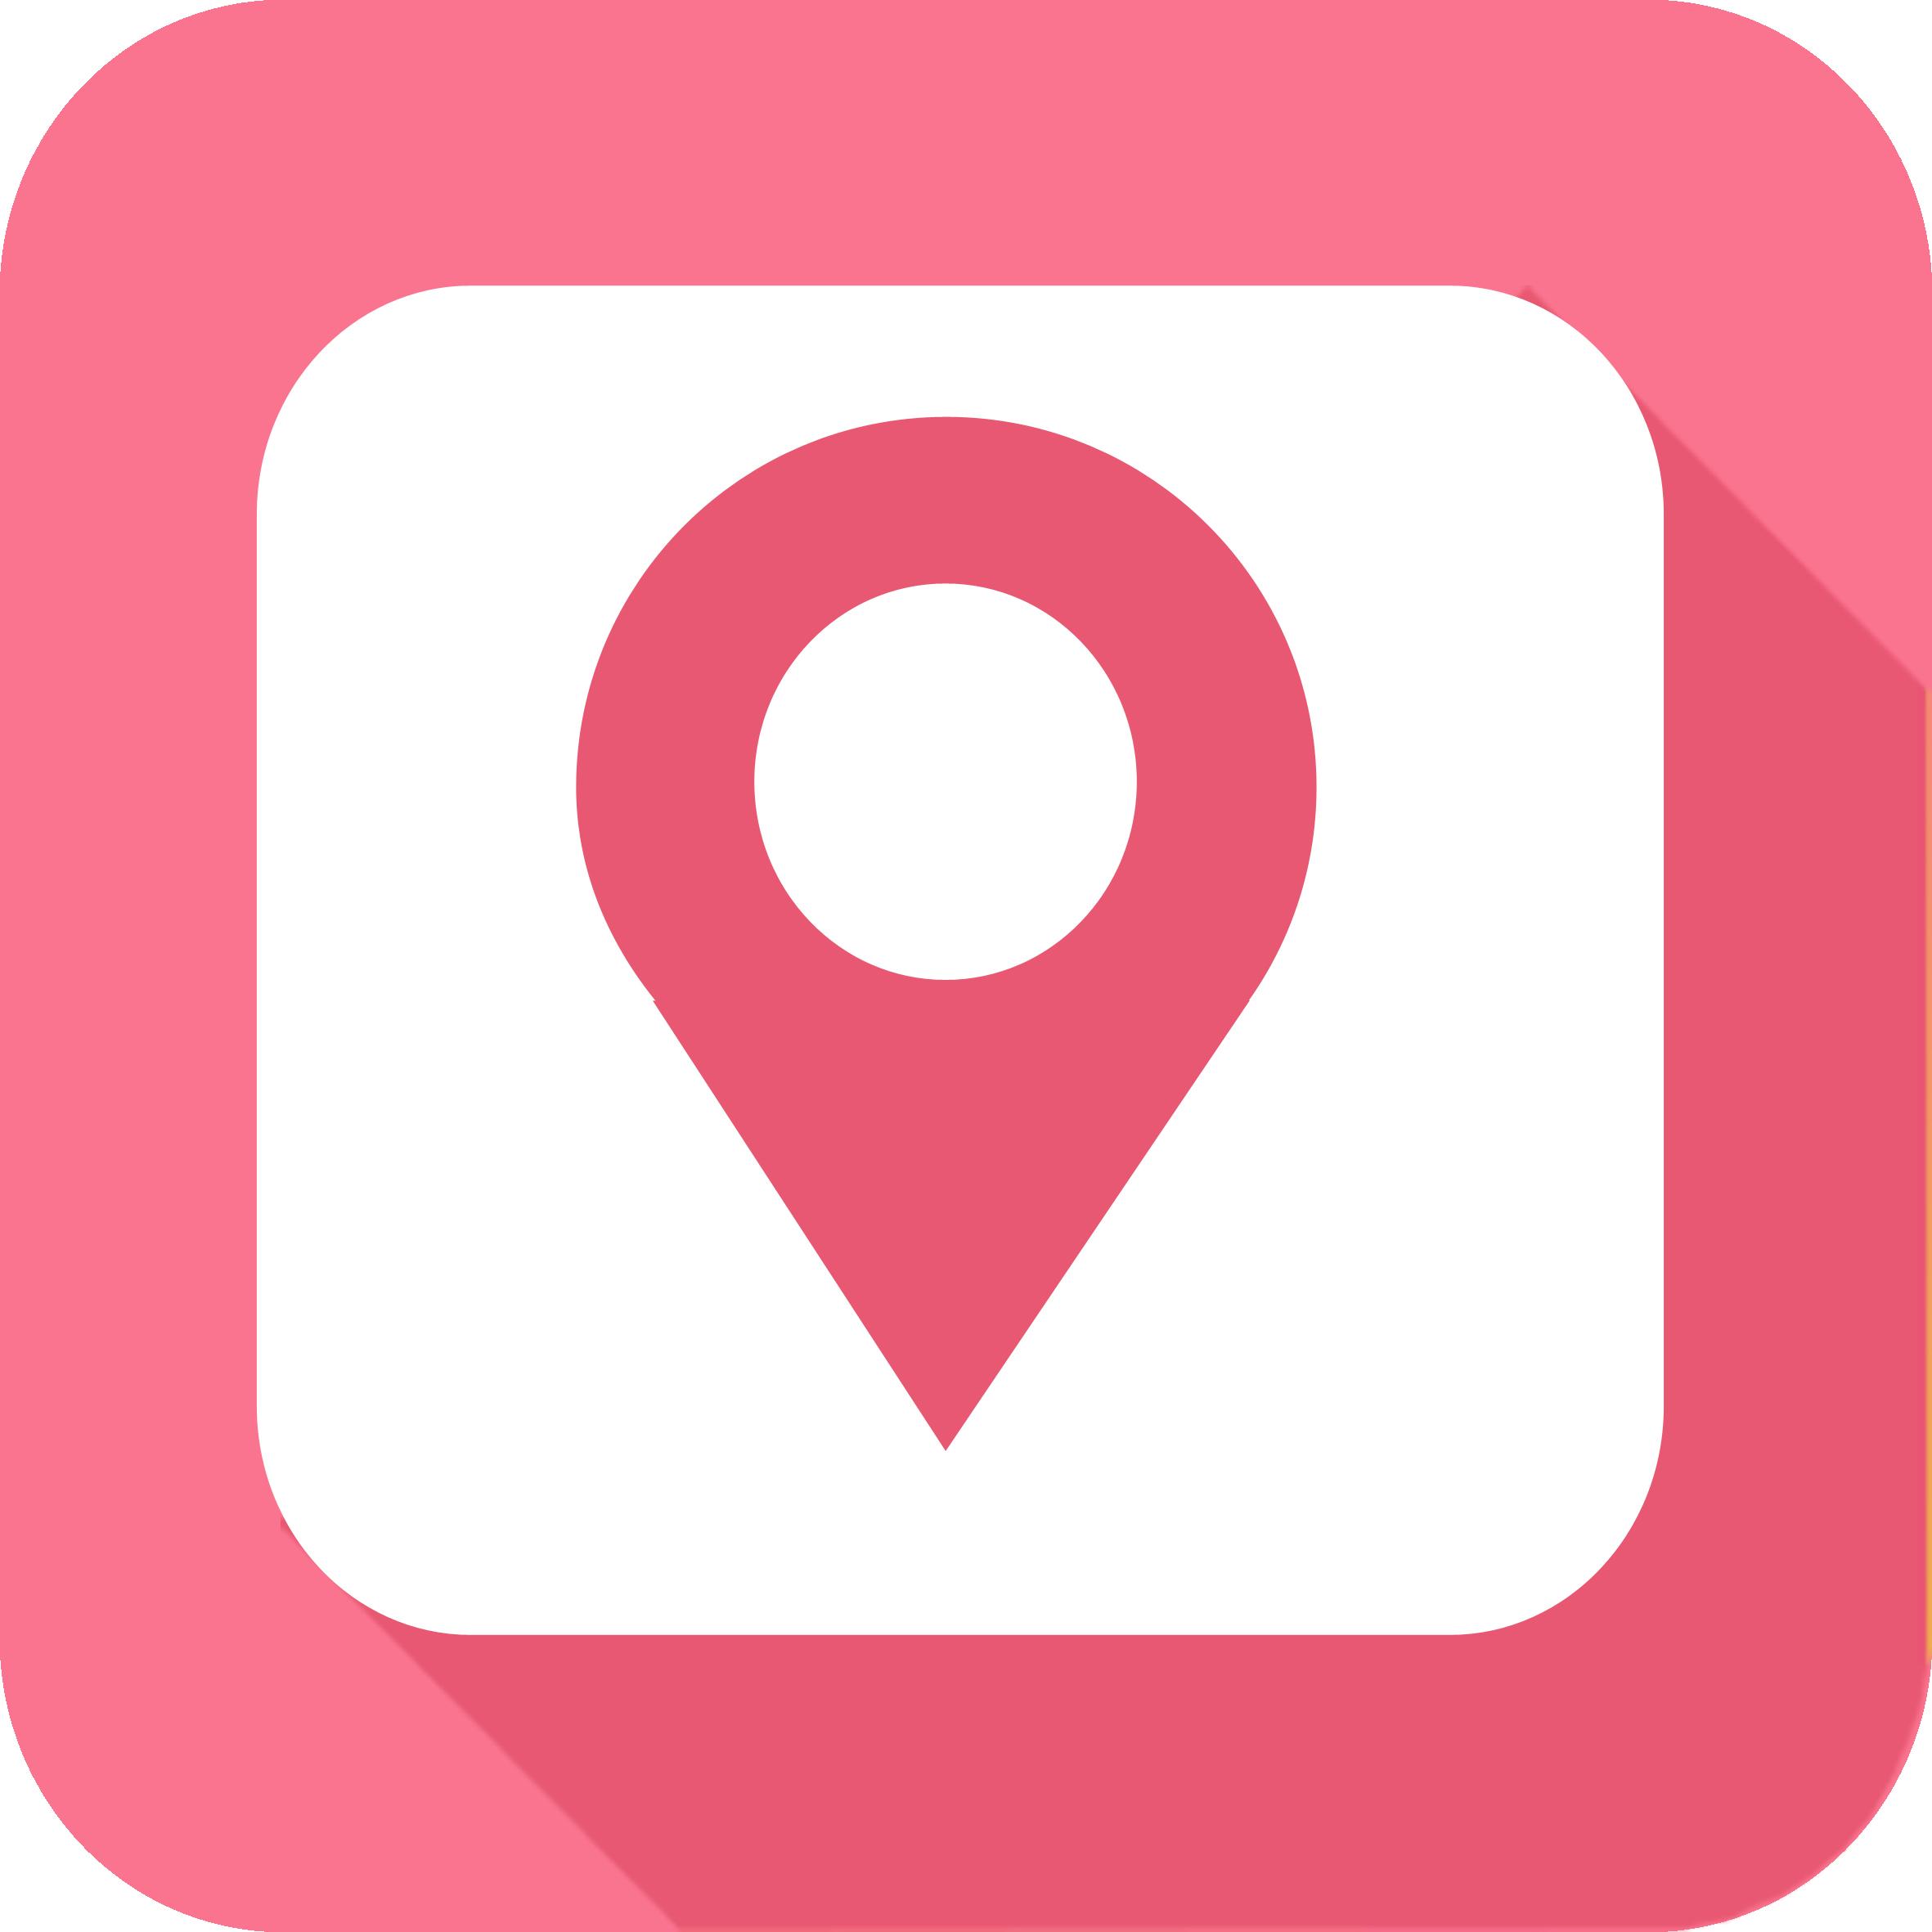 手机图标--地图